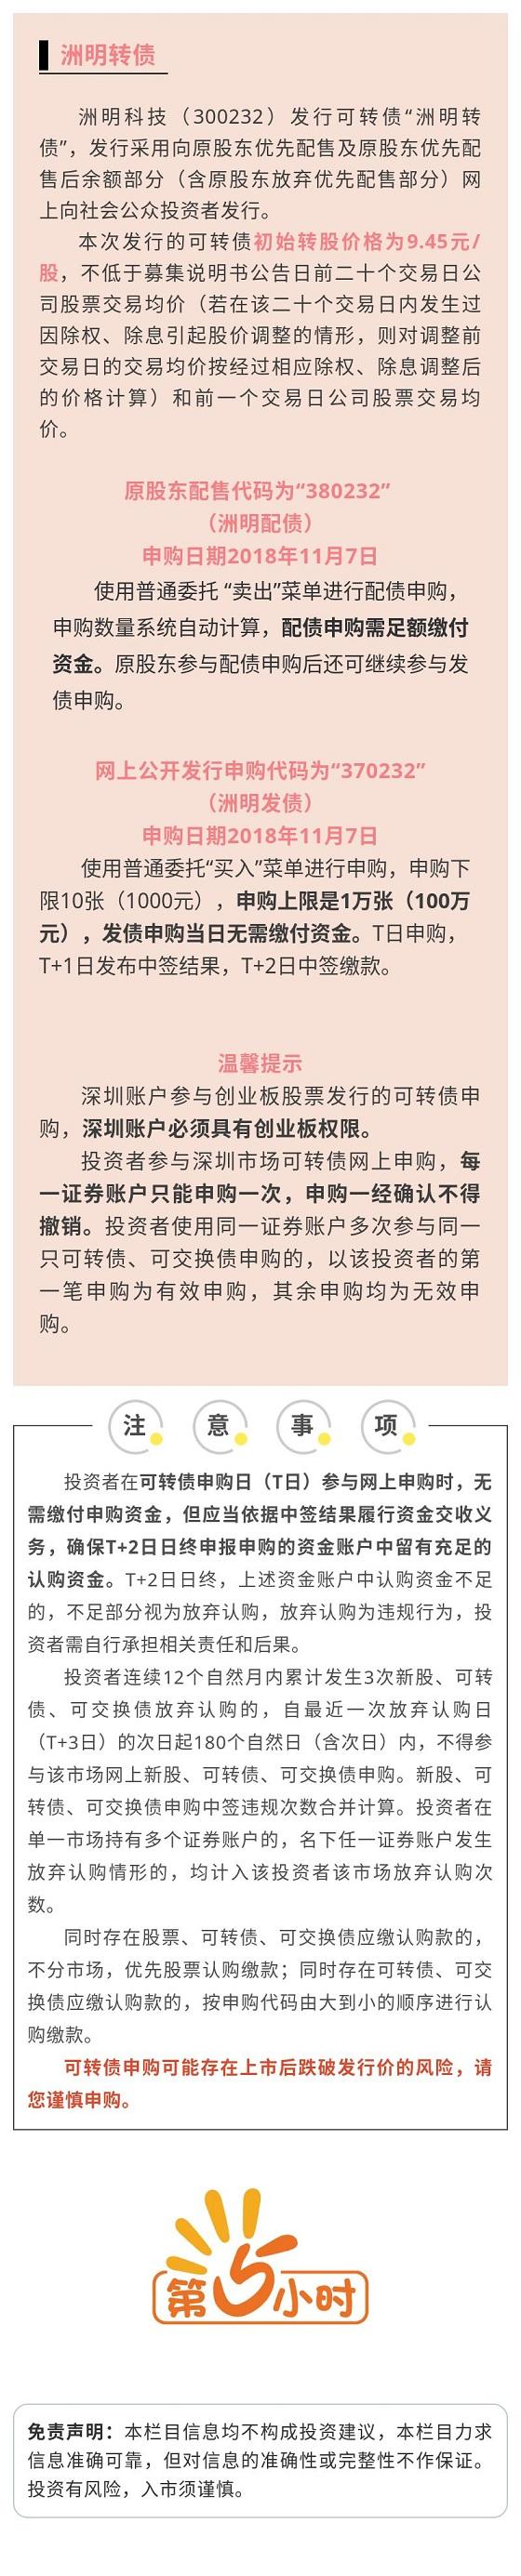 【新债申购】洲明科技公开发行可转换公司债券.jpg